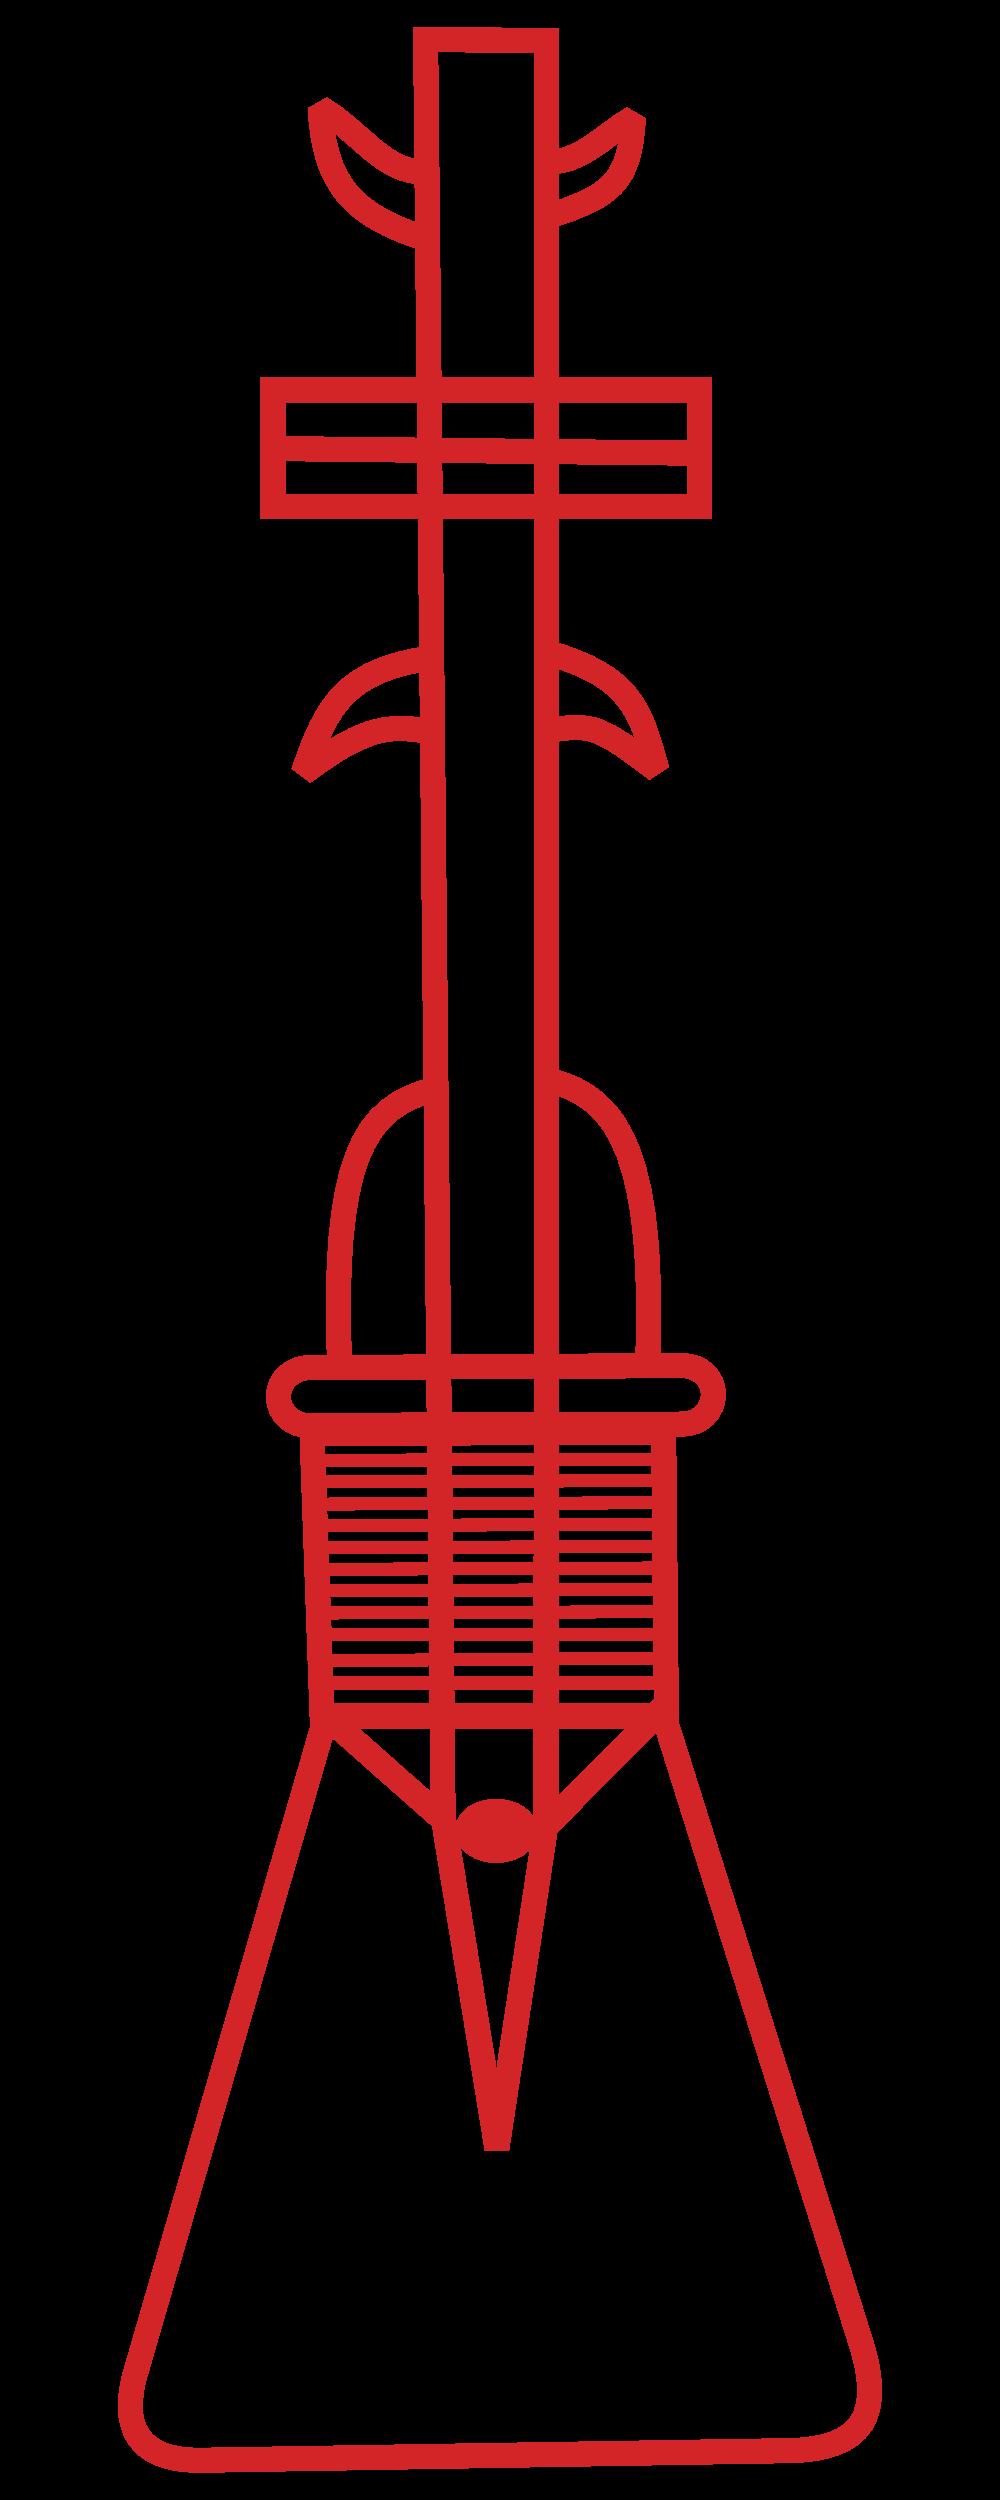 3. Winzer Laborglastechnik - Apparate zur Bestimmung Arsen